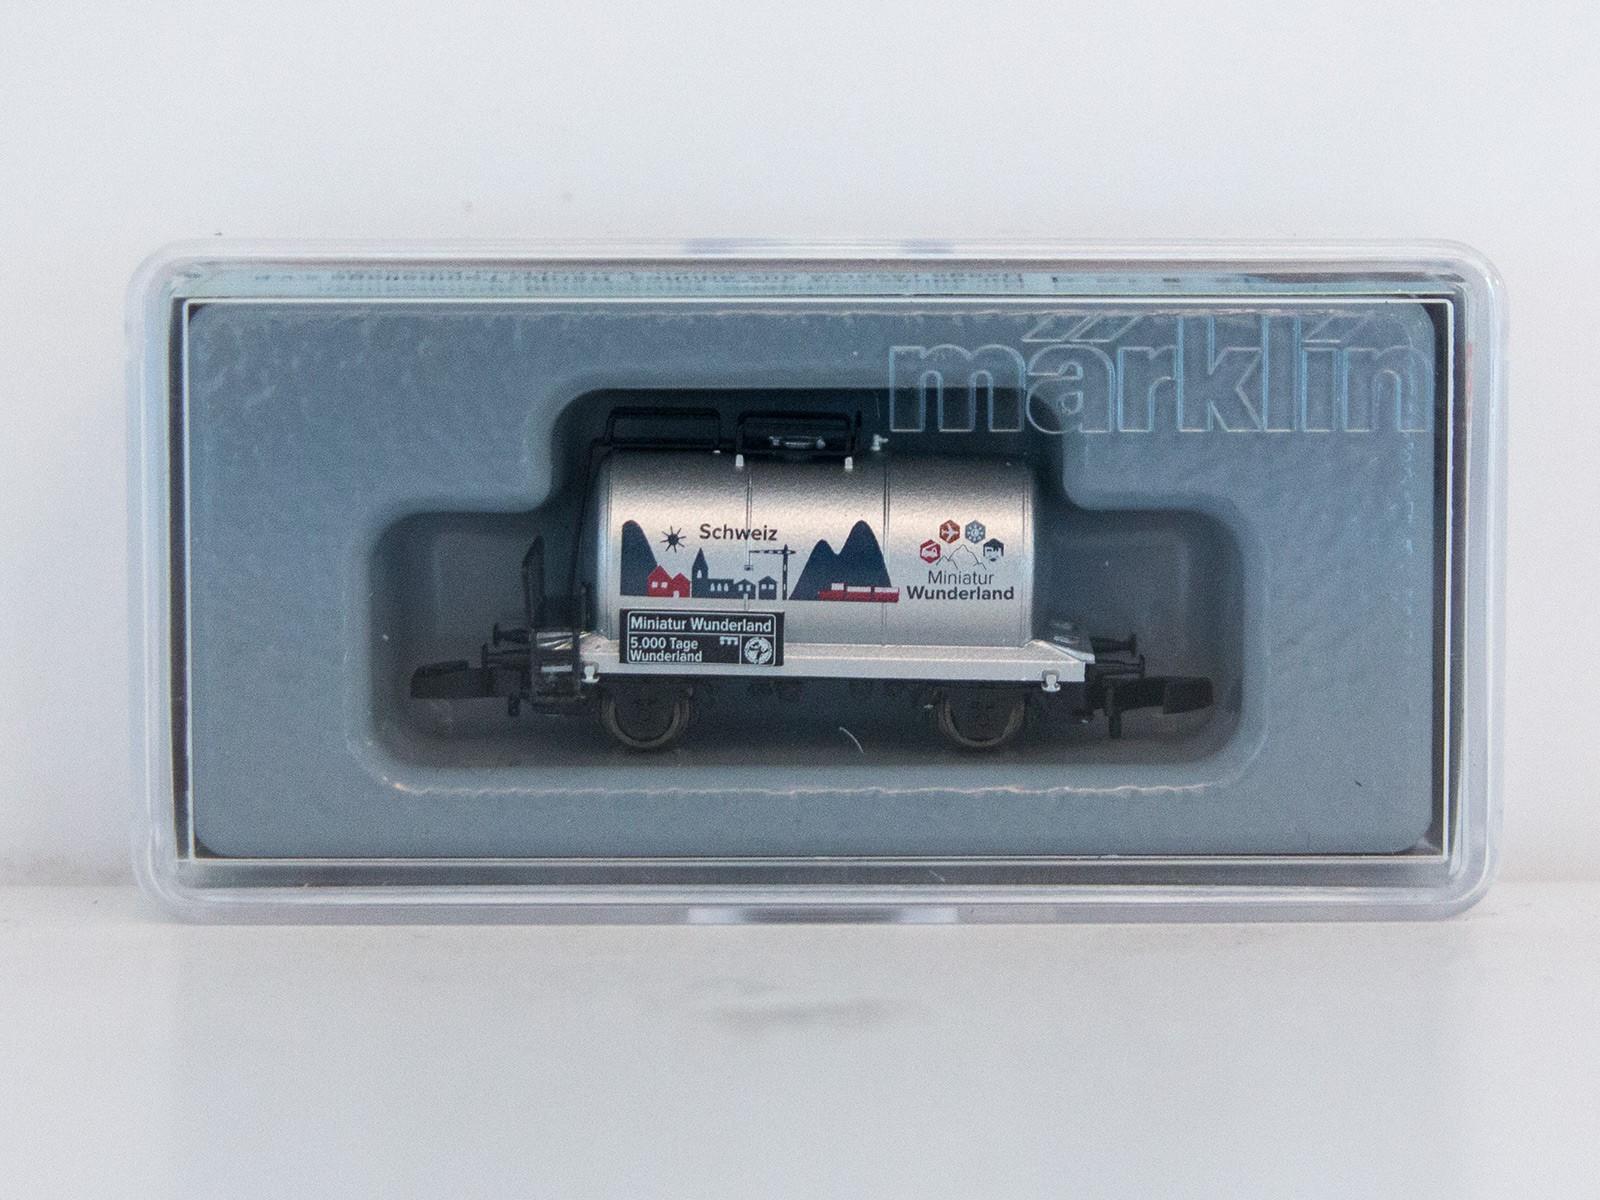 """Special Edition Z Miniclub 2015 tankwagon """"5000 Tage Wunderland - Schweiz"""""""